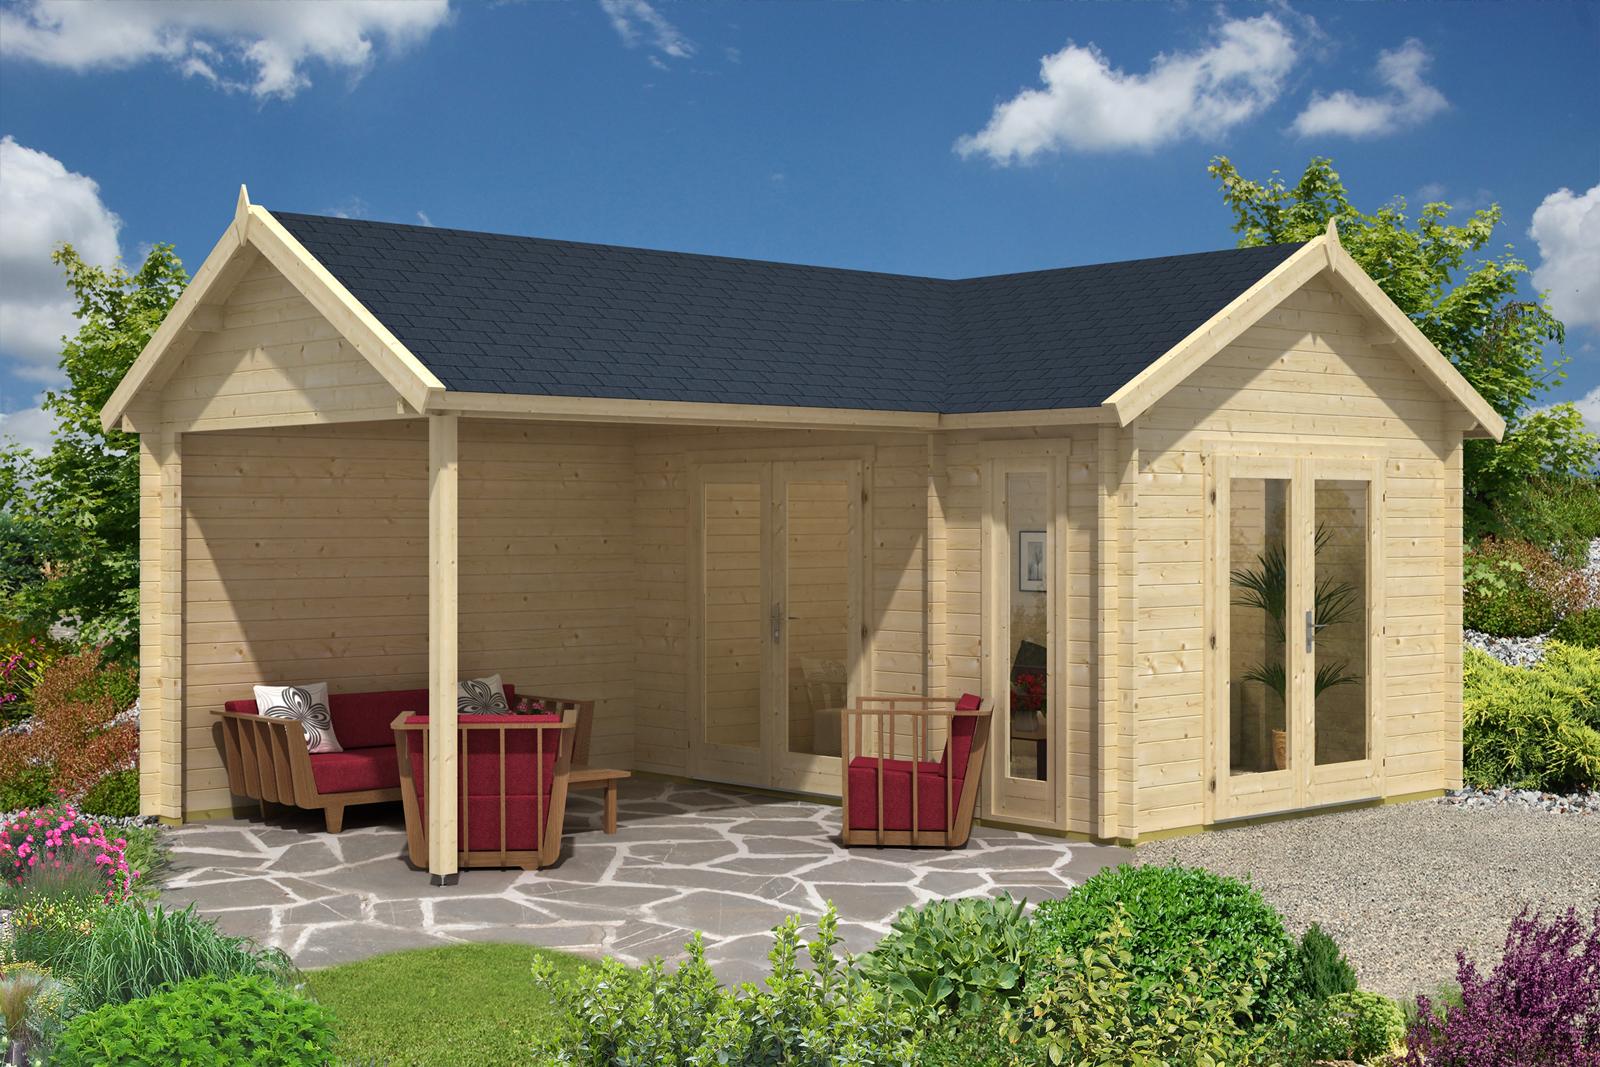 Gartenhaus holly 44 iso - Gartenhauser mit terrasse ...